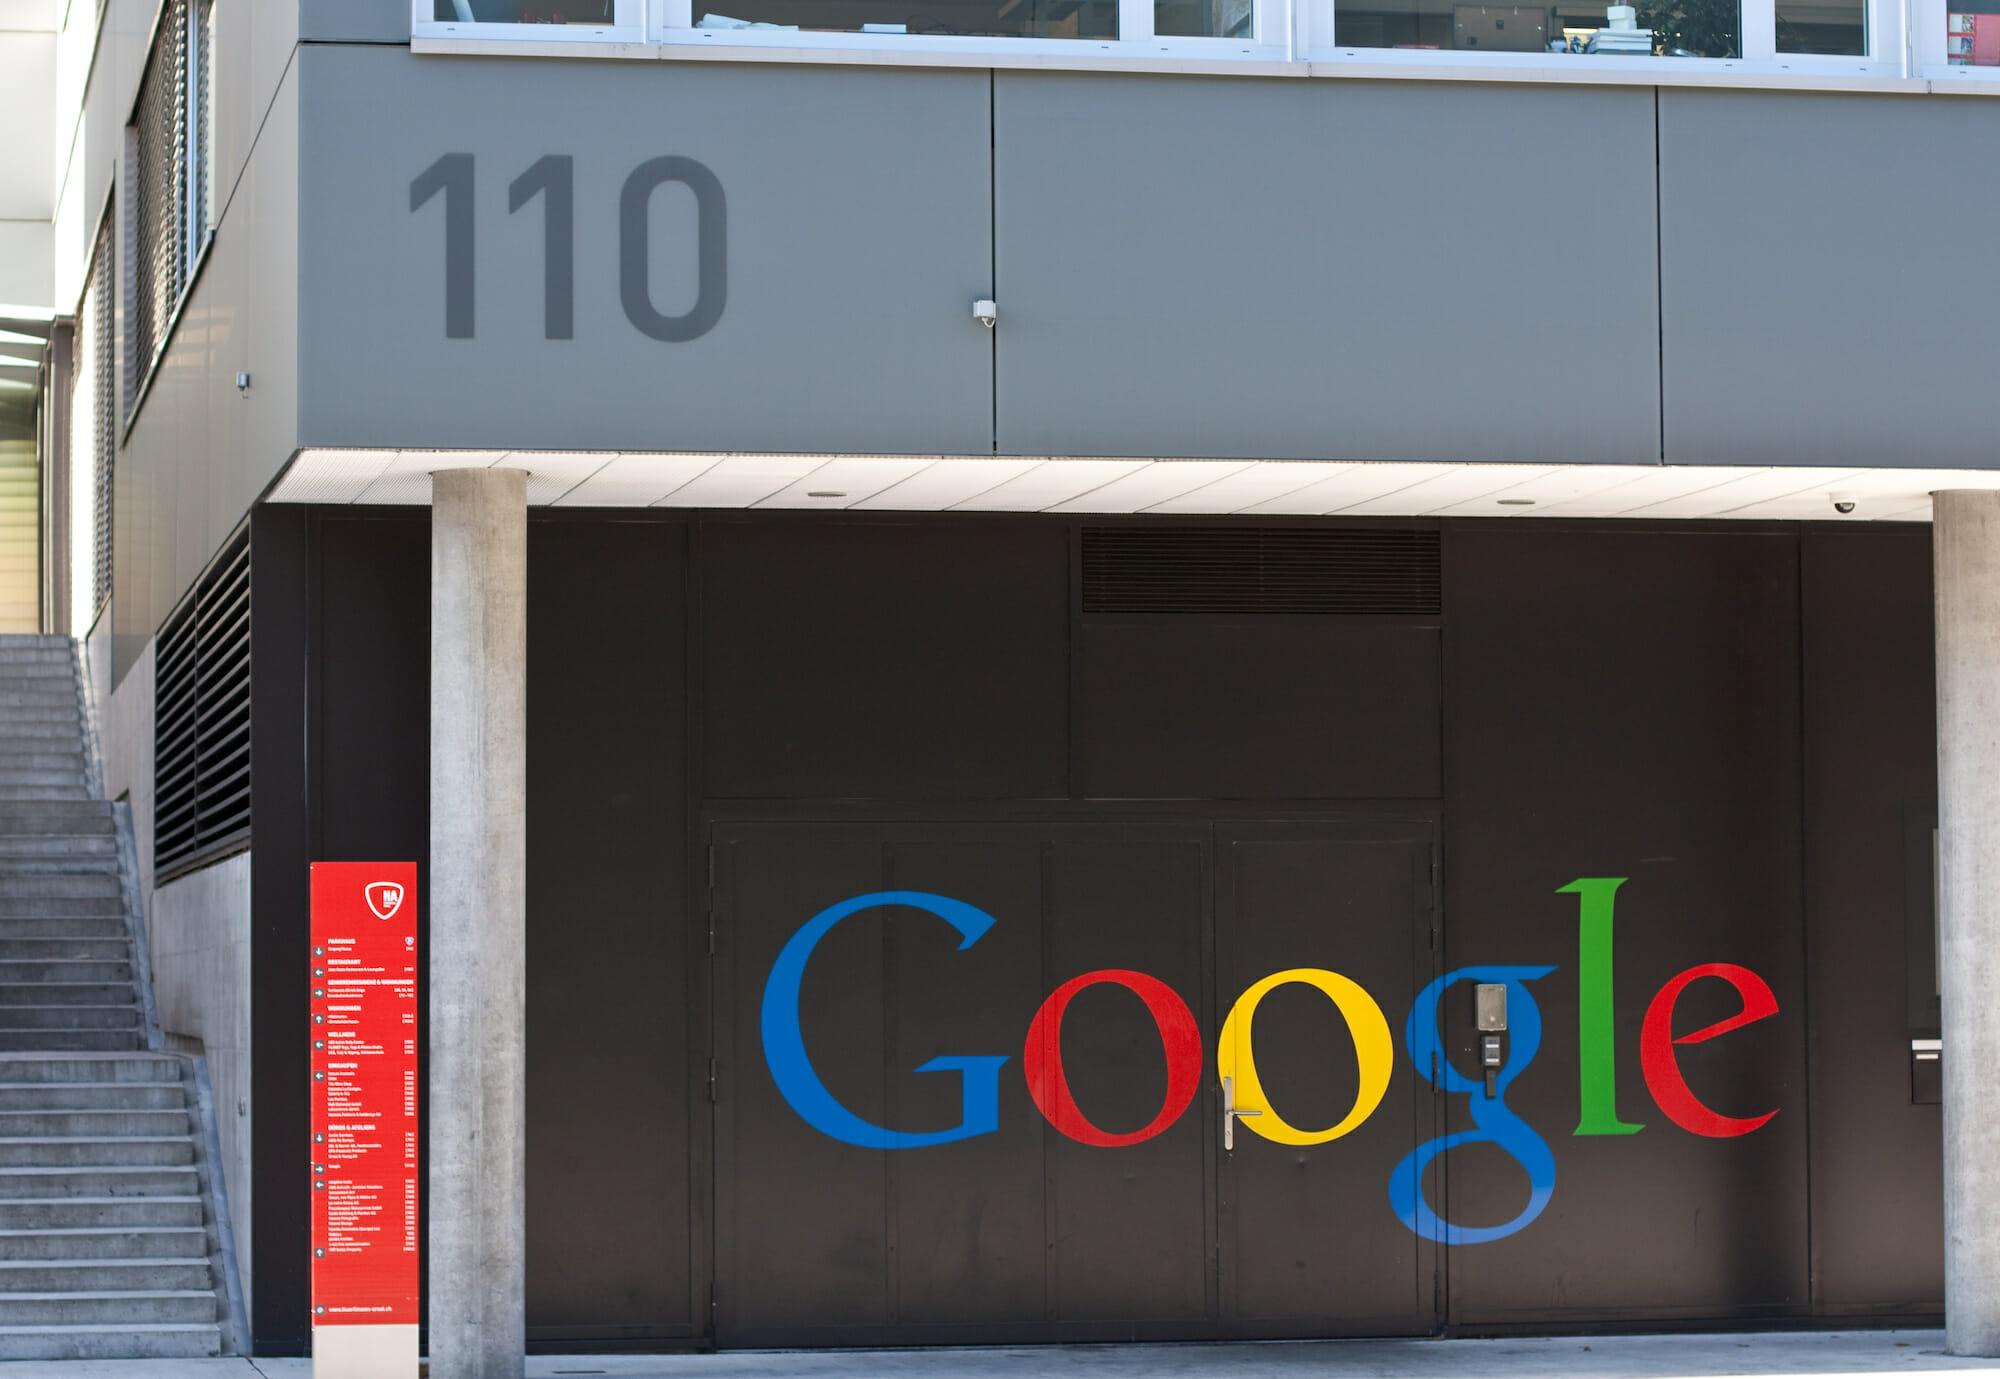 So verhindern Sie, dass Google alles über Sie erfährt 1